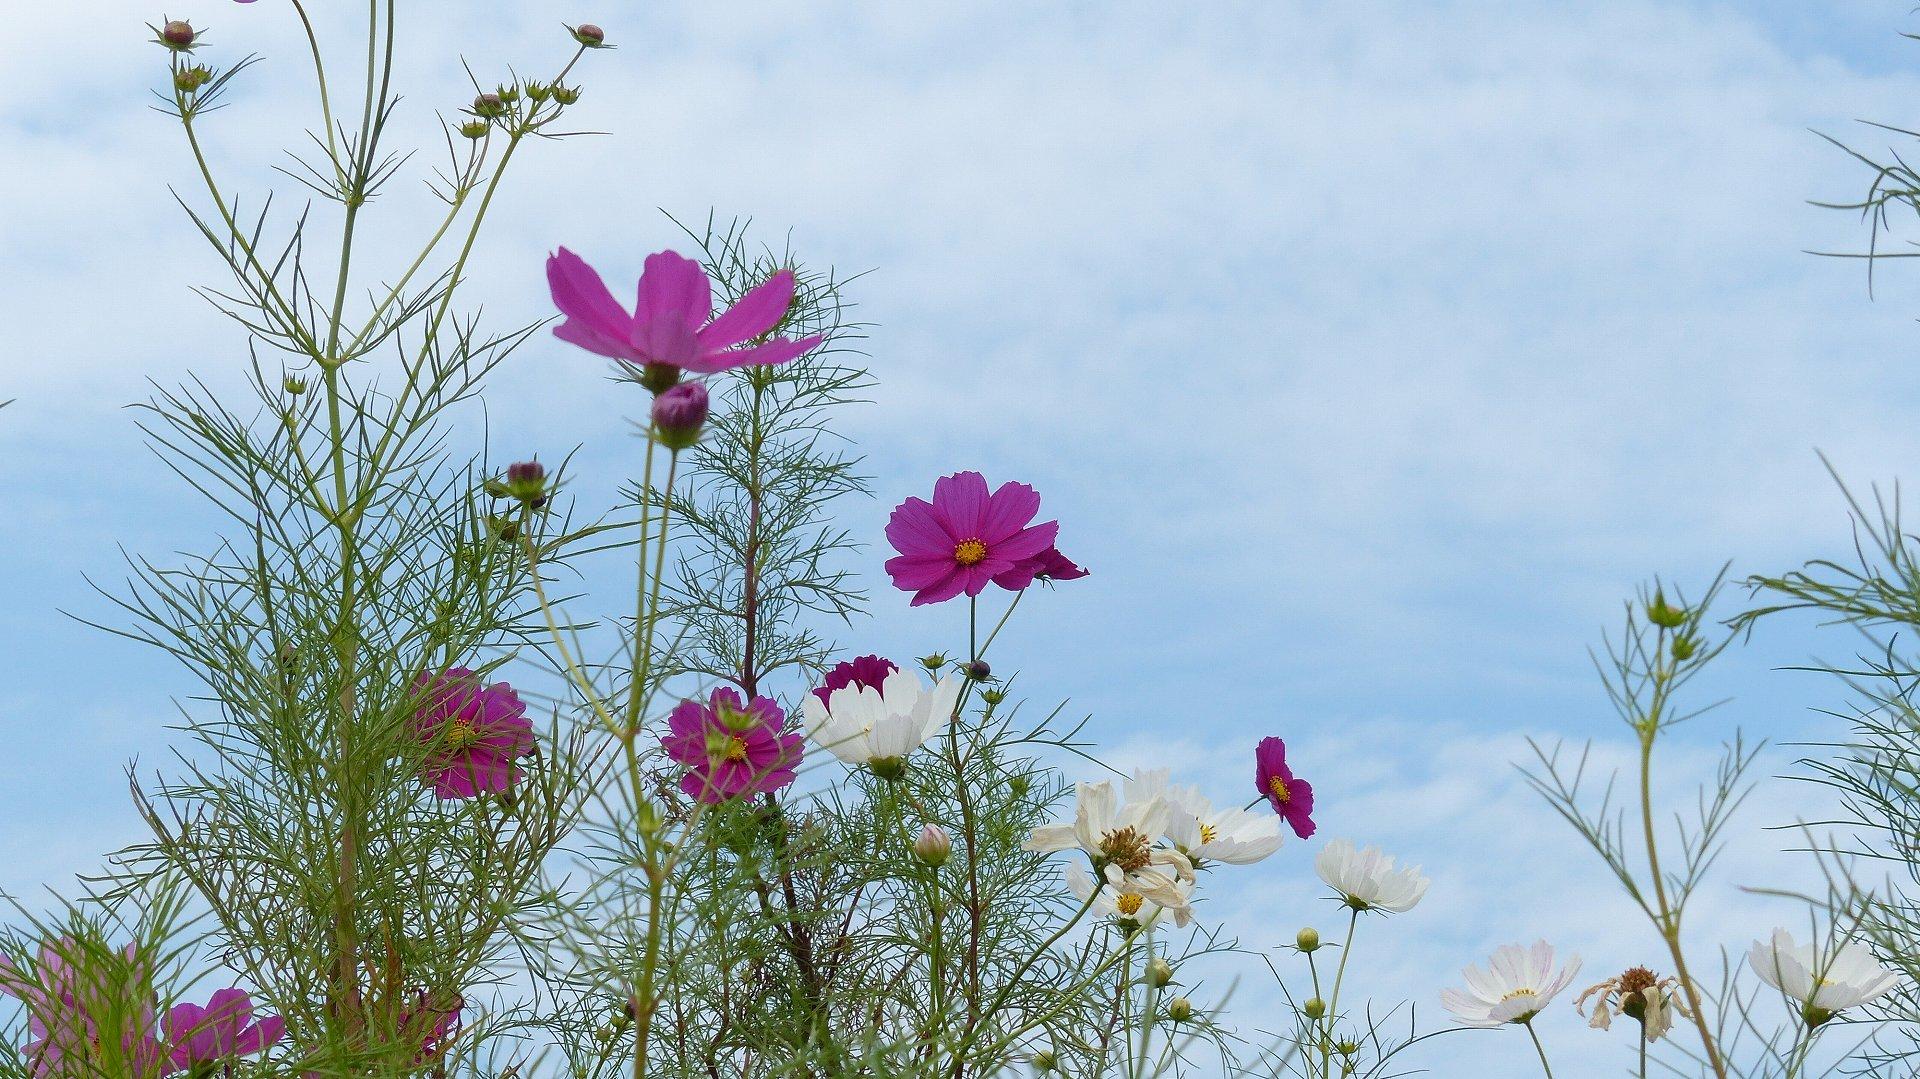 秋桜に恋してる_a0185081_11392120.jpg